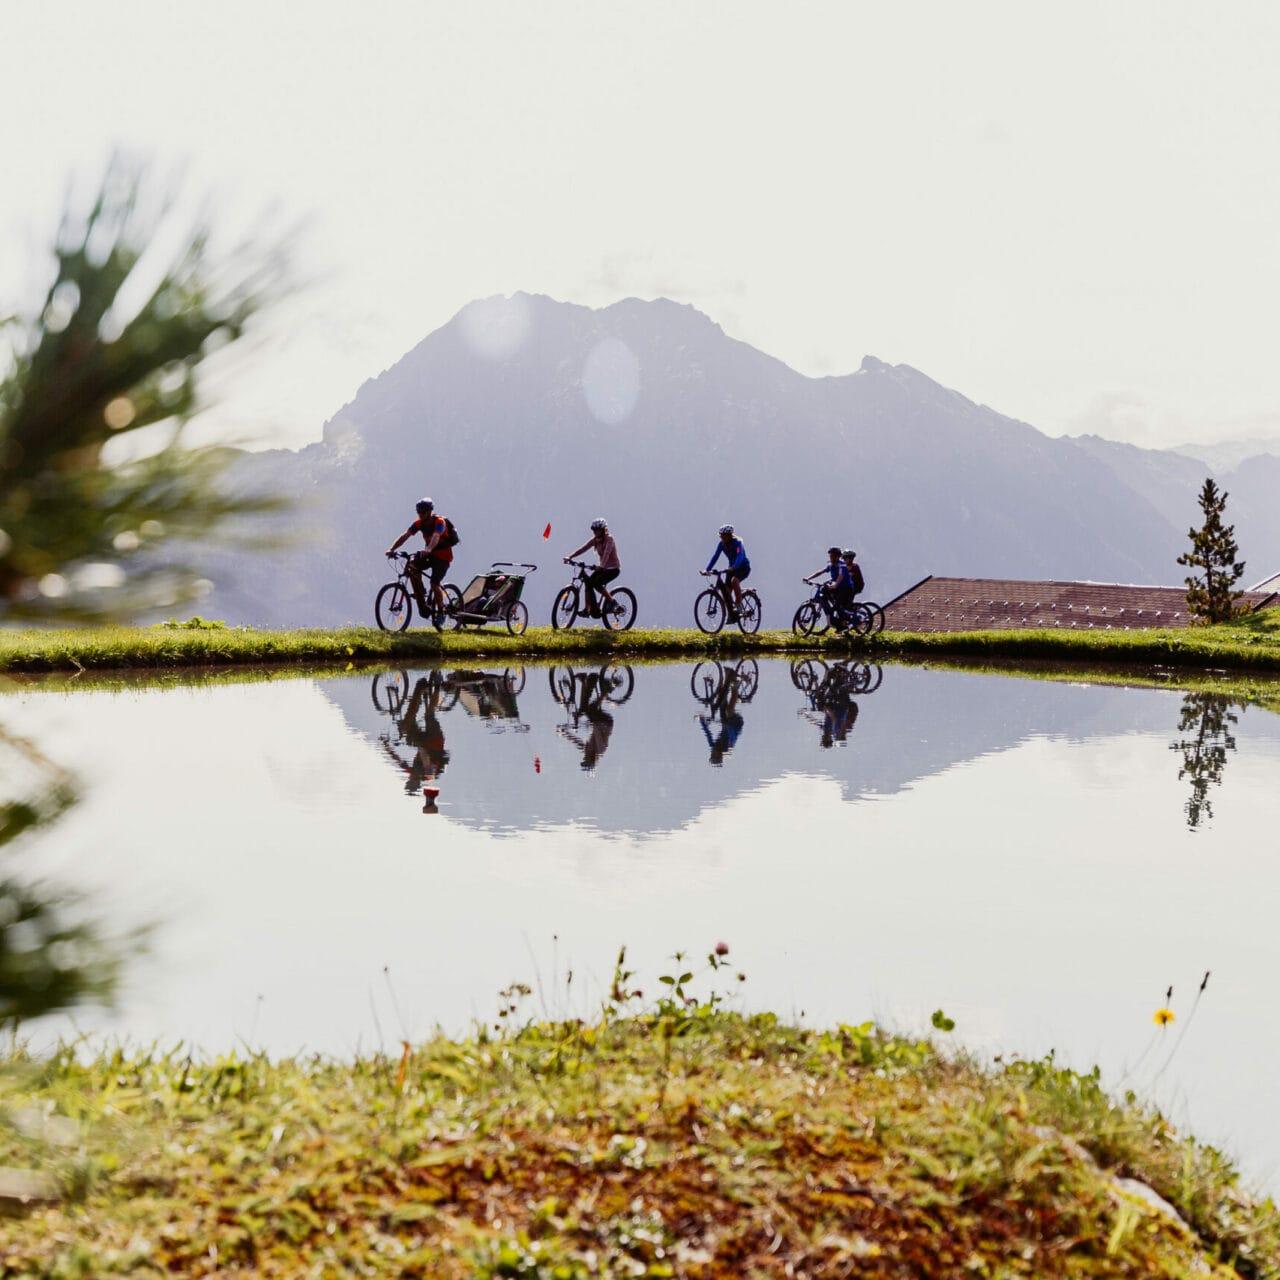 Hofgut-Wagrain-Apartment-Lifestyle-Resort-Freiheit-spueren-mit-Freunden-Fahrradtour